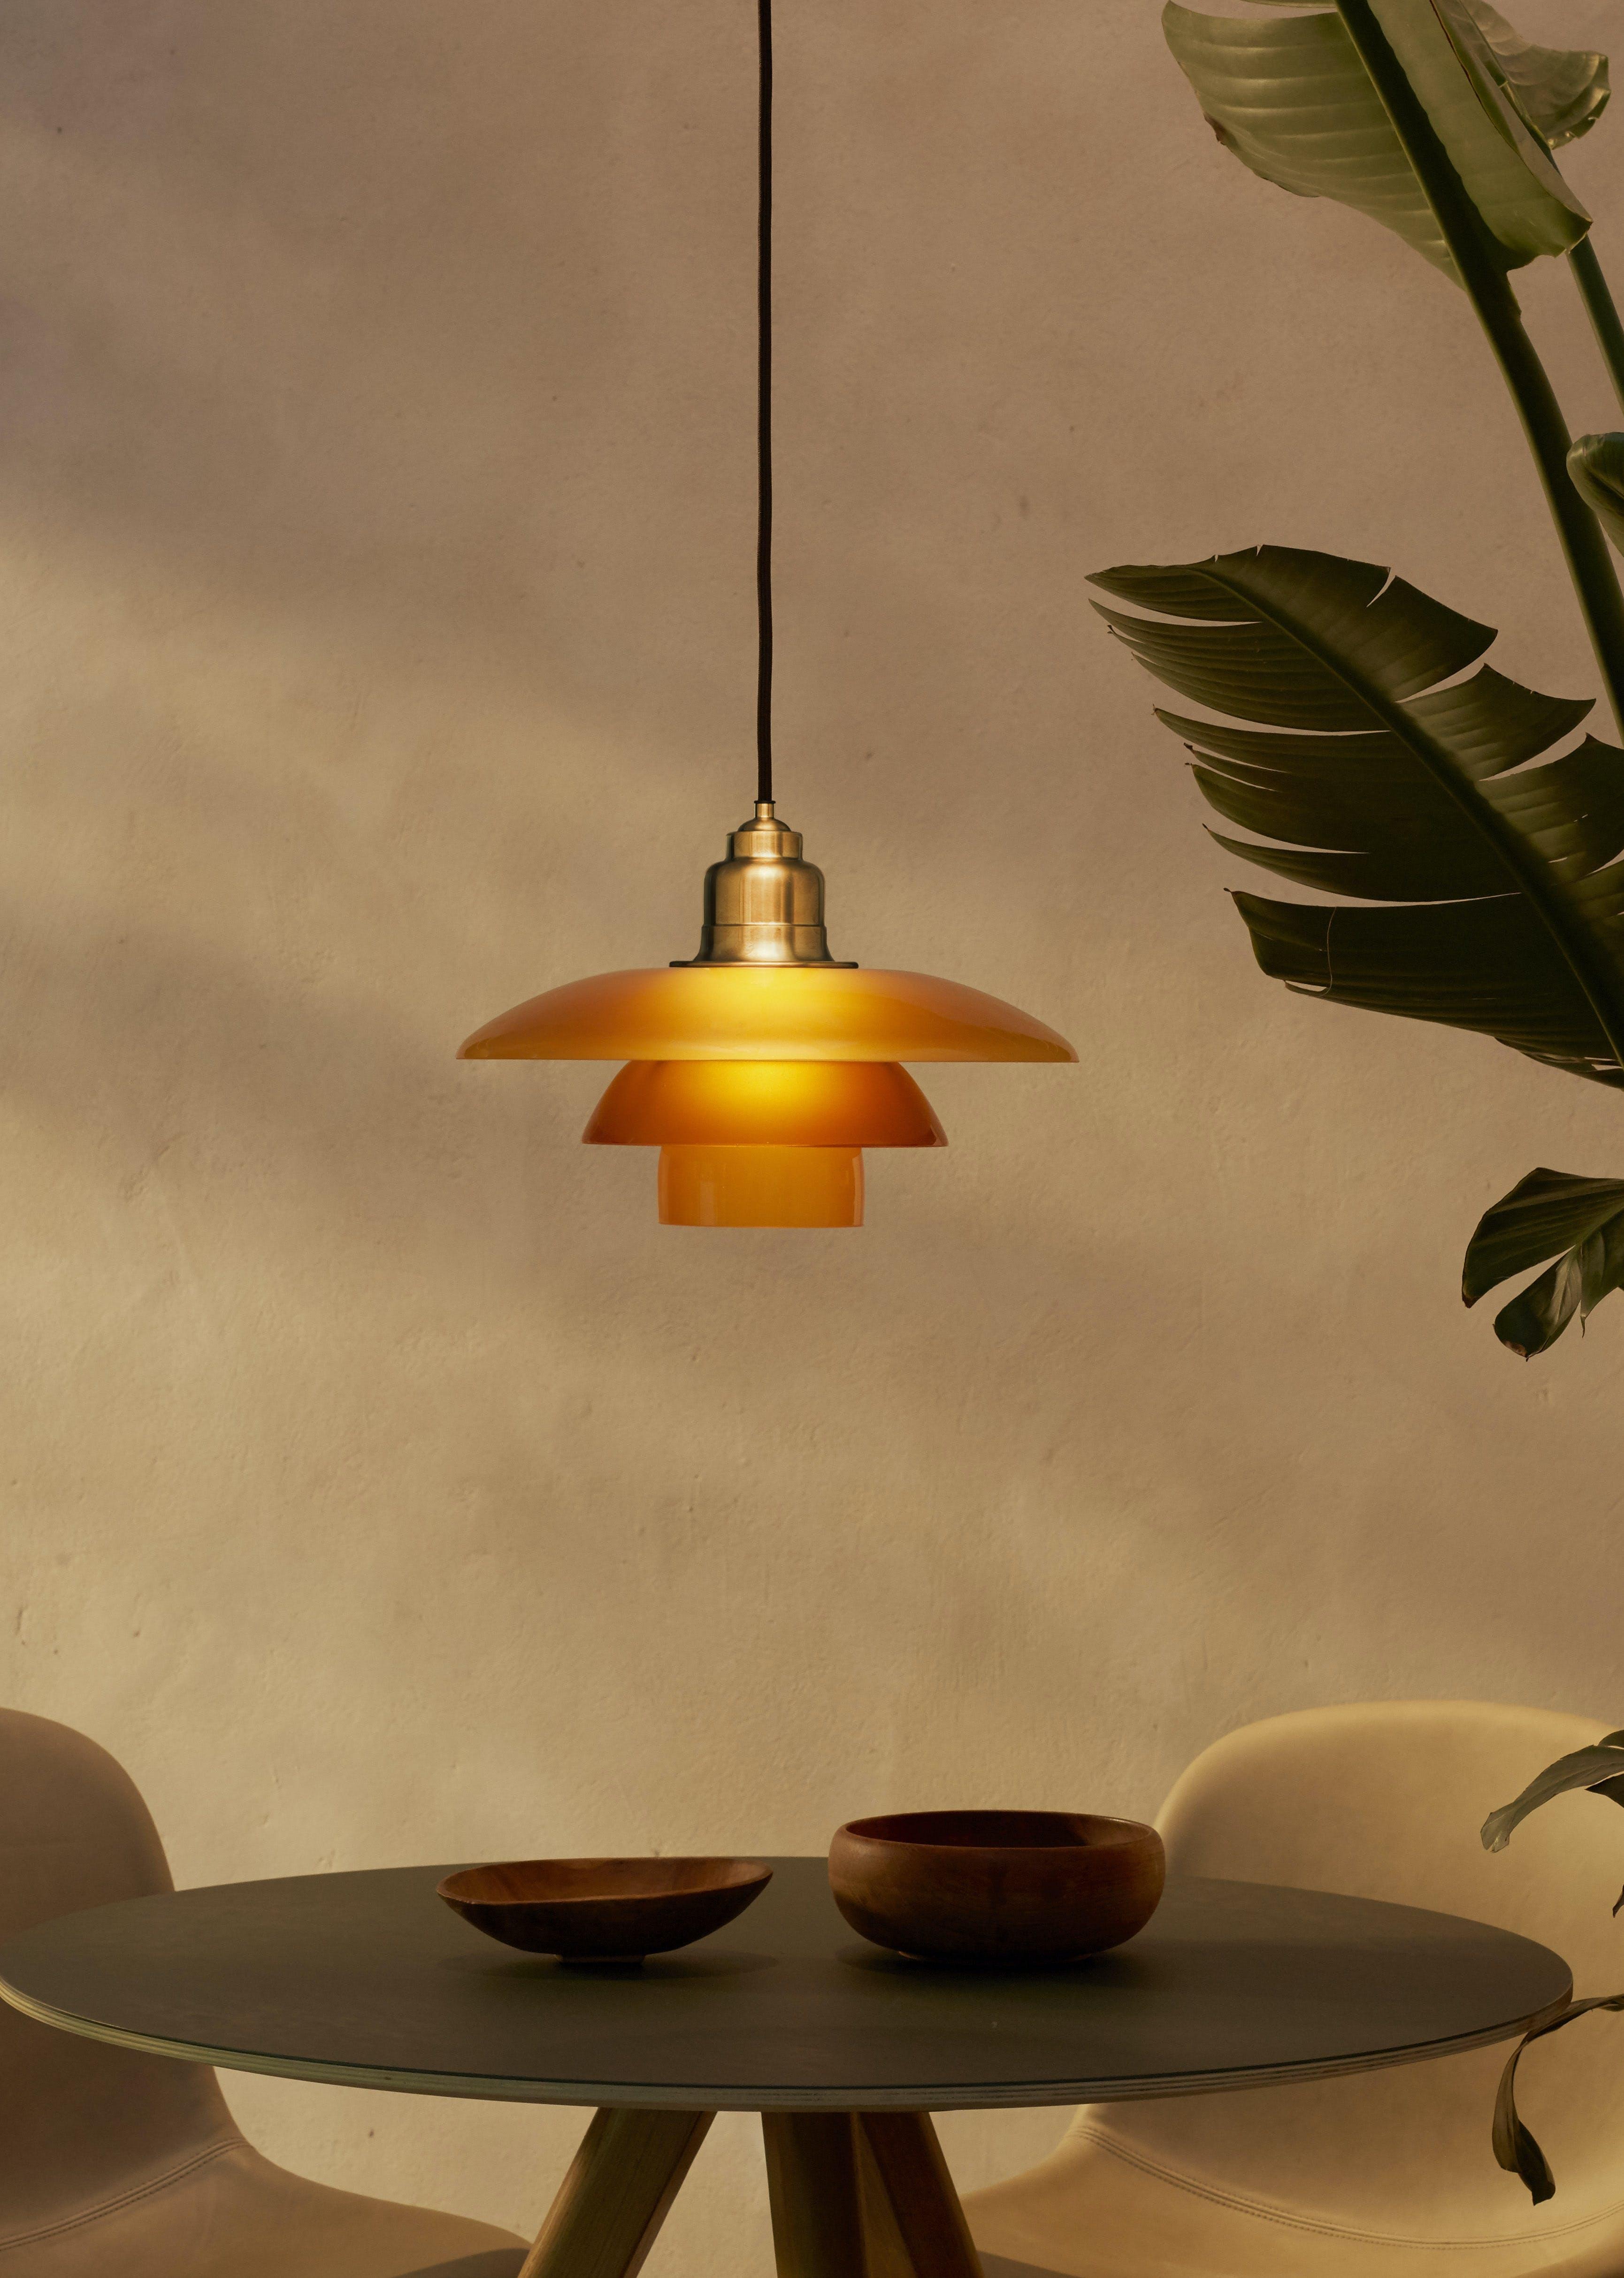 Ikonisk lampe i ravguld nuance